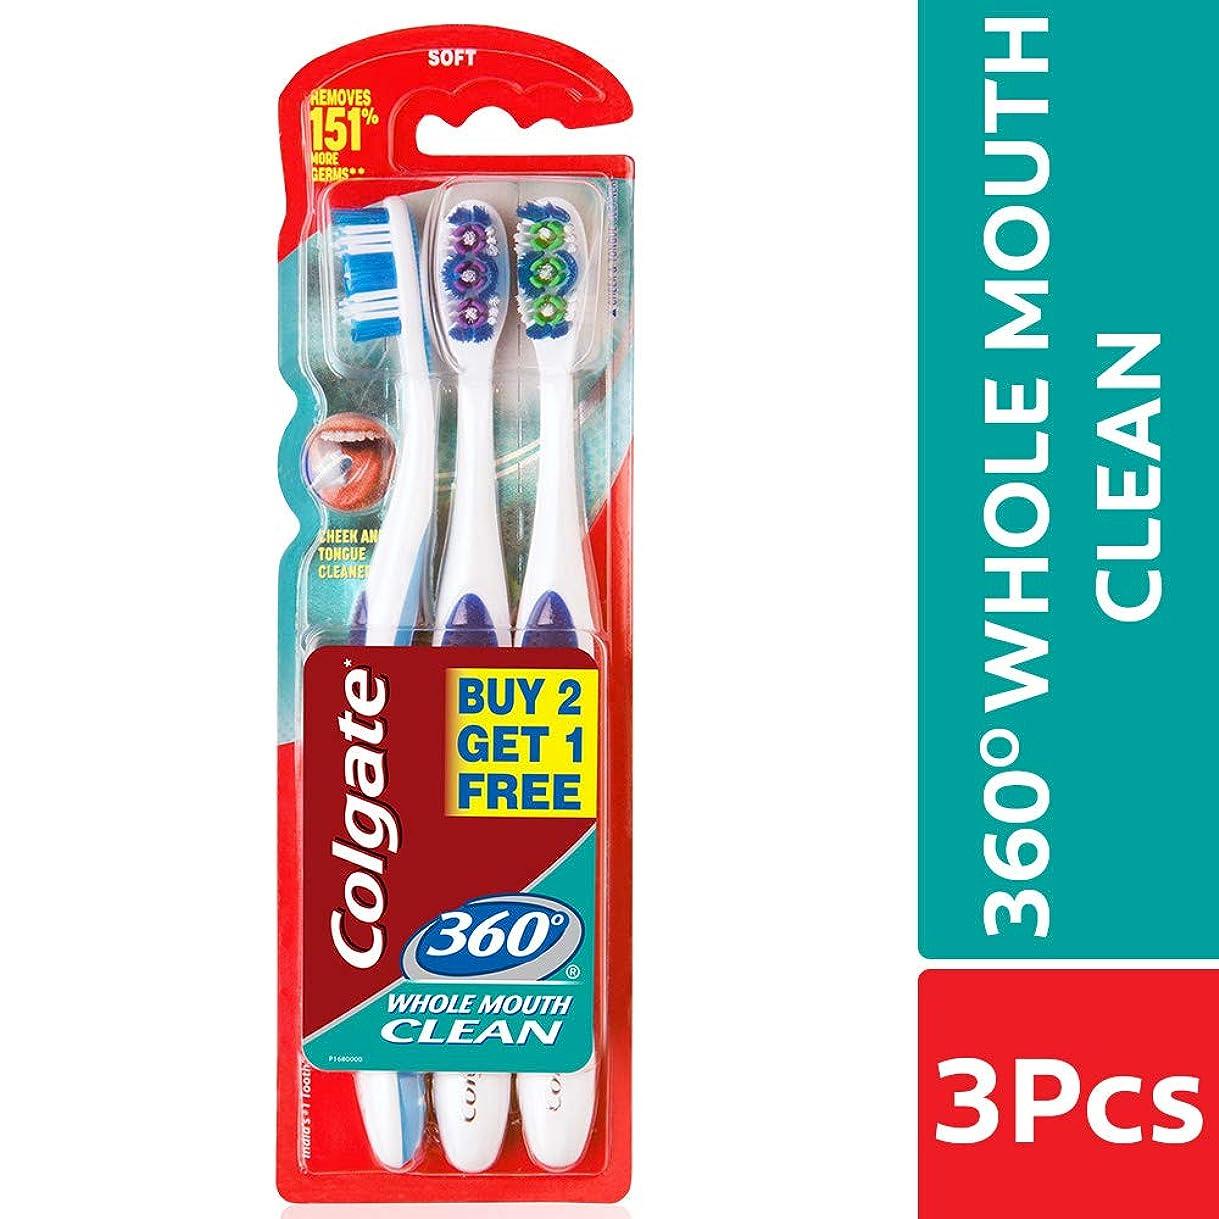 スリット夕暮れ巨大なColgate 360 whole mouth clean (MEDIUM) toothbrush (3pc pack)